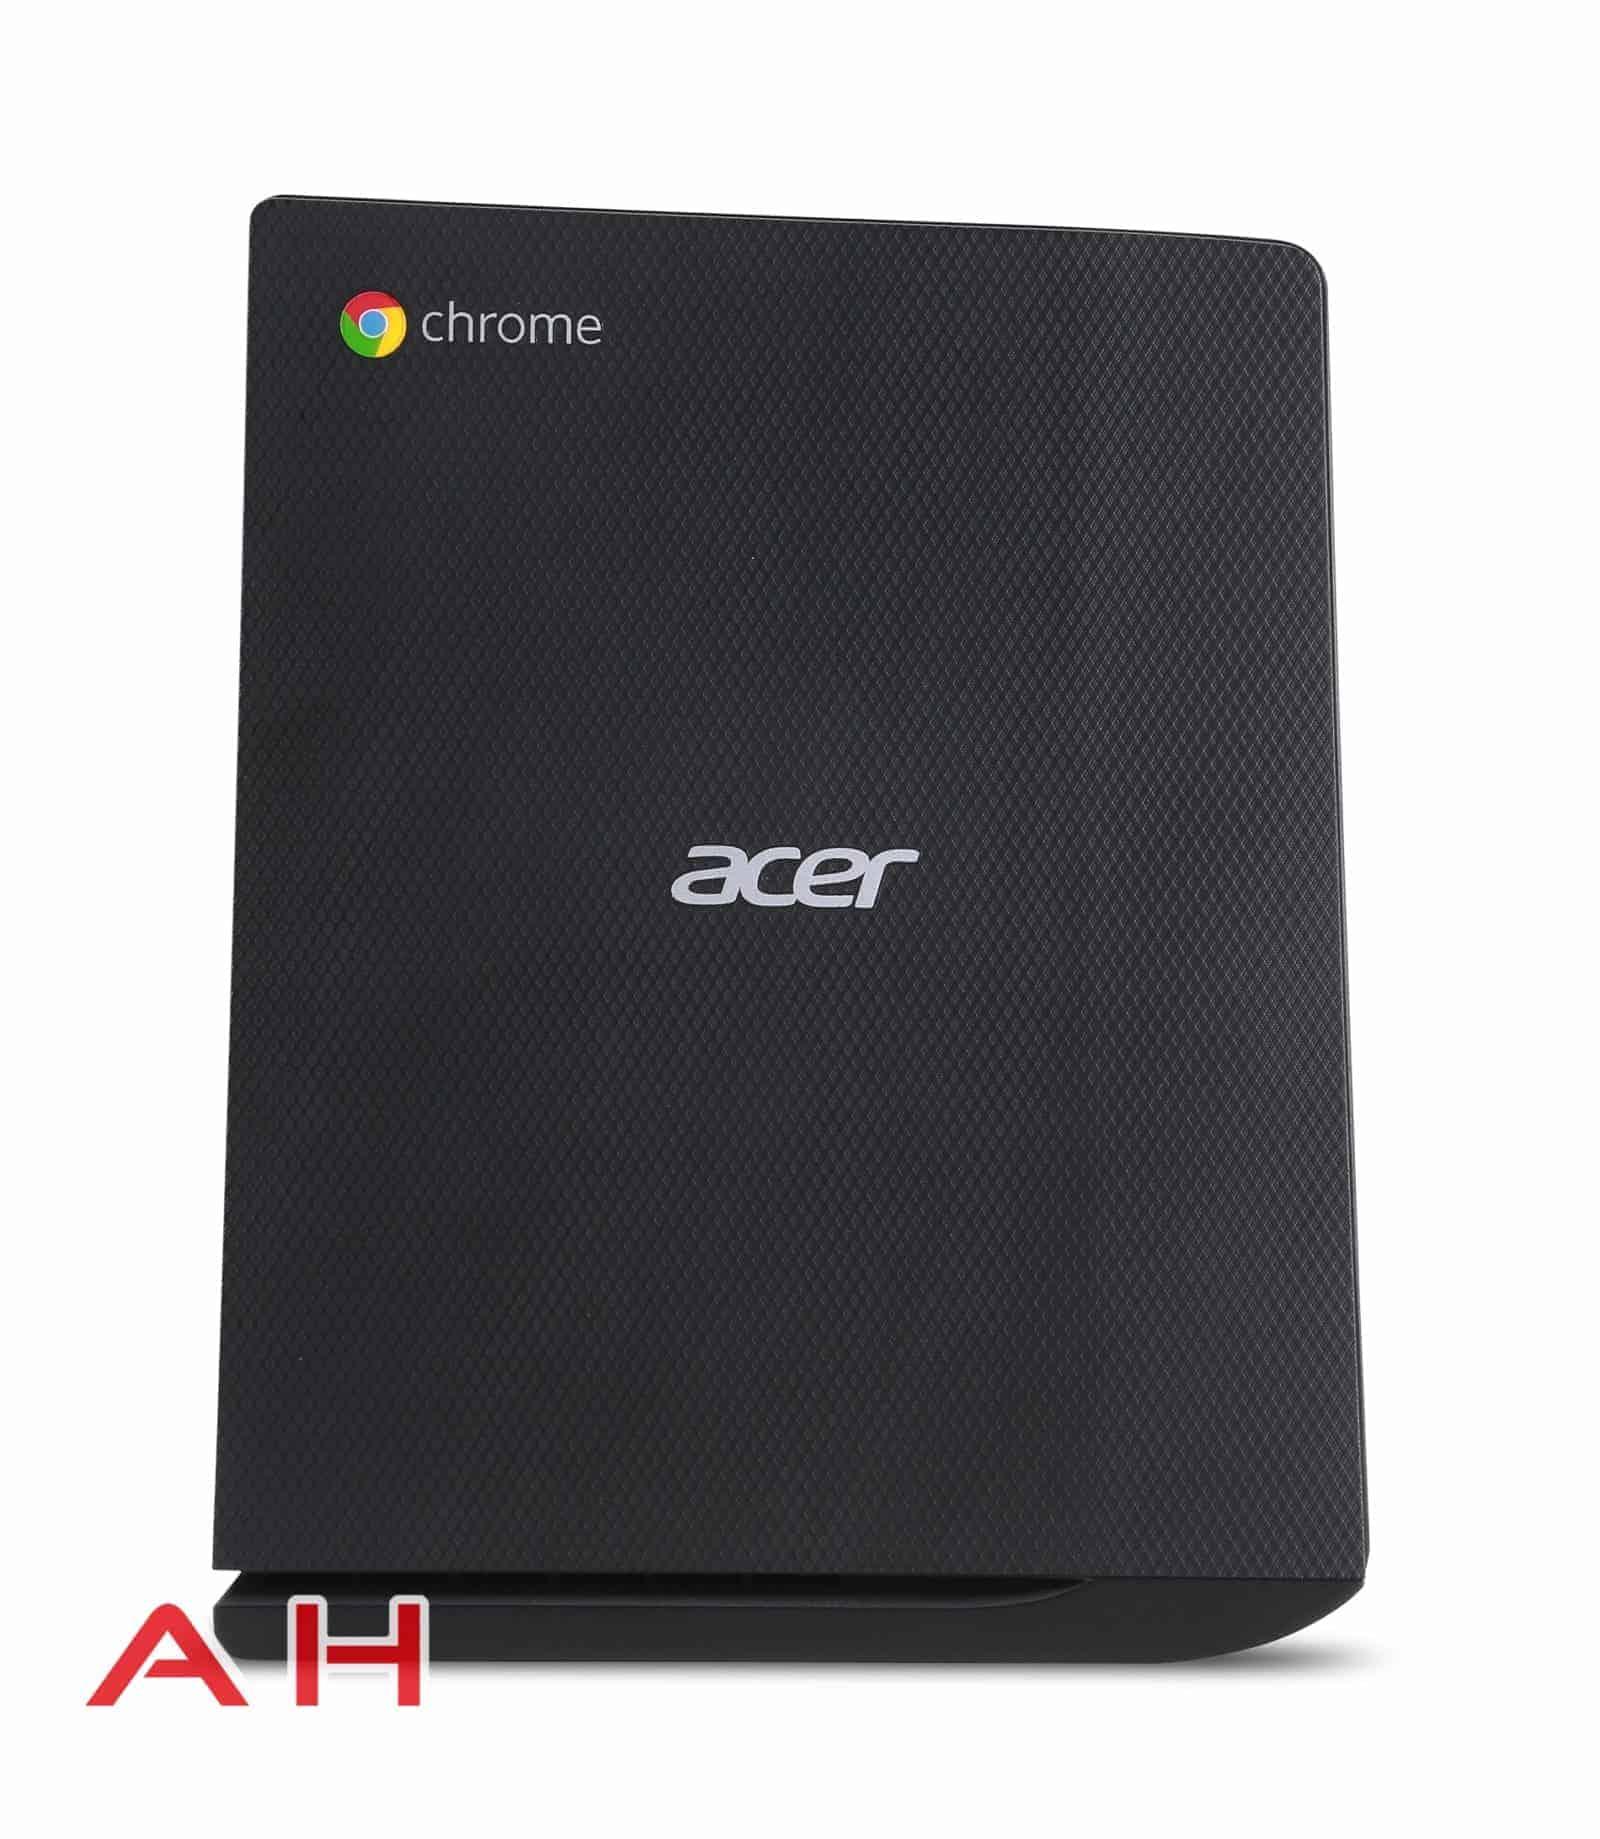 Acer Chromebox CXI AH 05